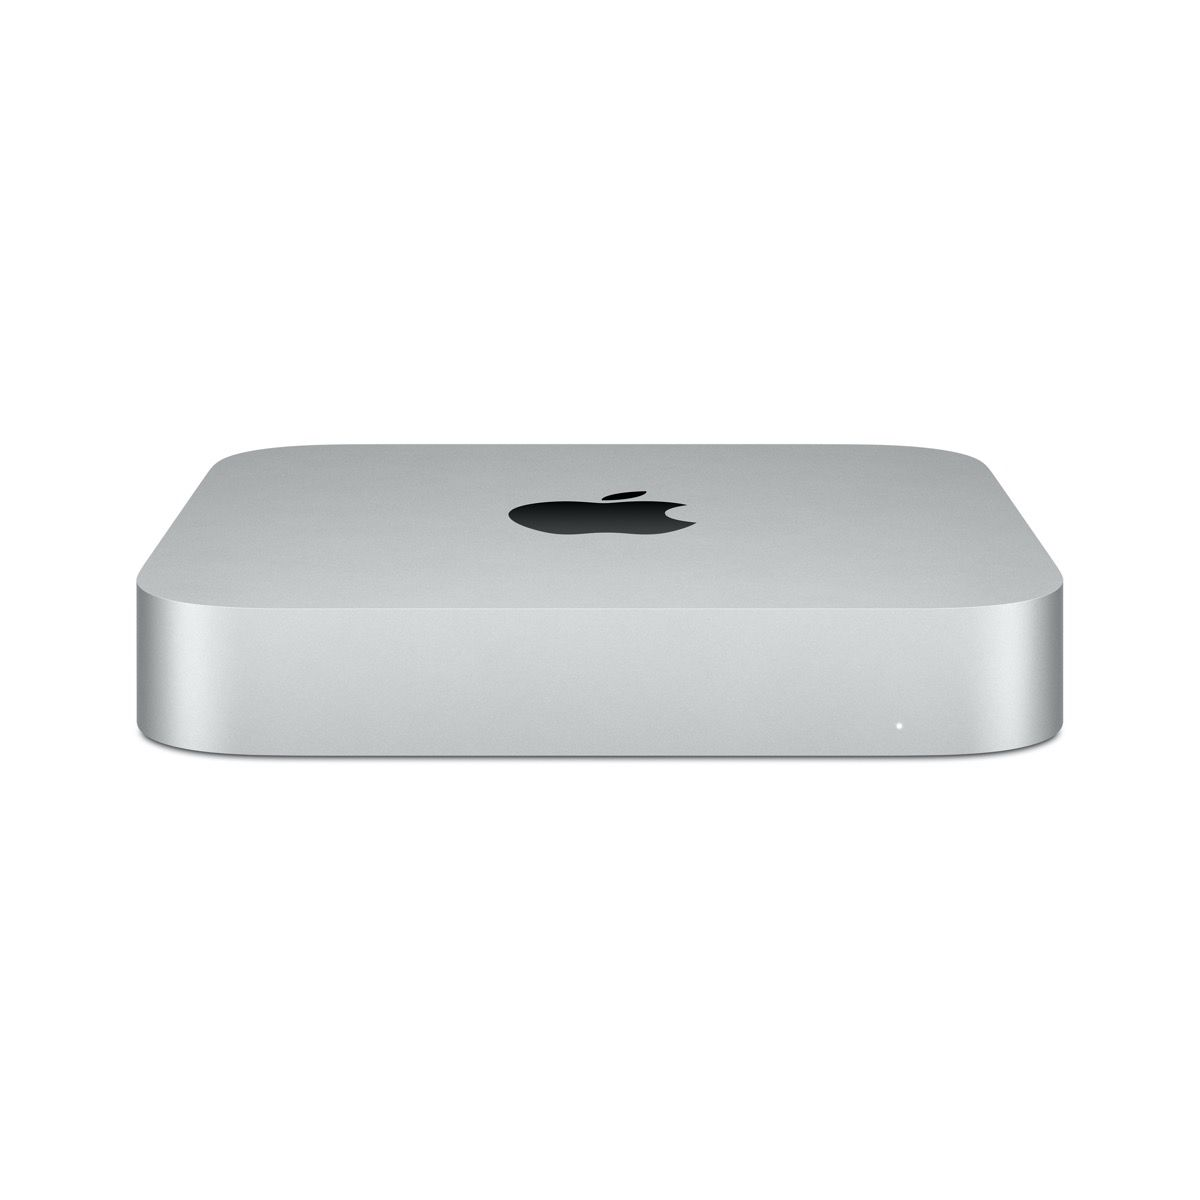 Apple Mac mini M1 8C CPU/8C GPU/8G/256/SK - MGNR3SL/A